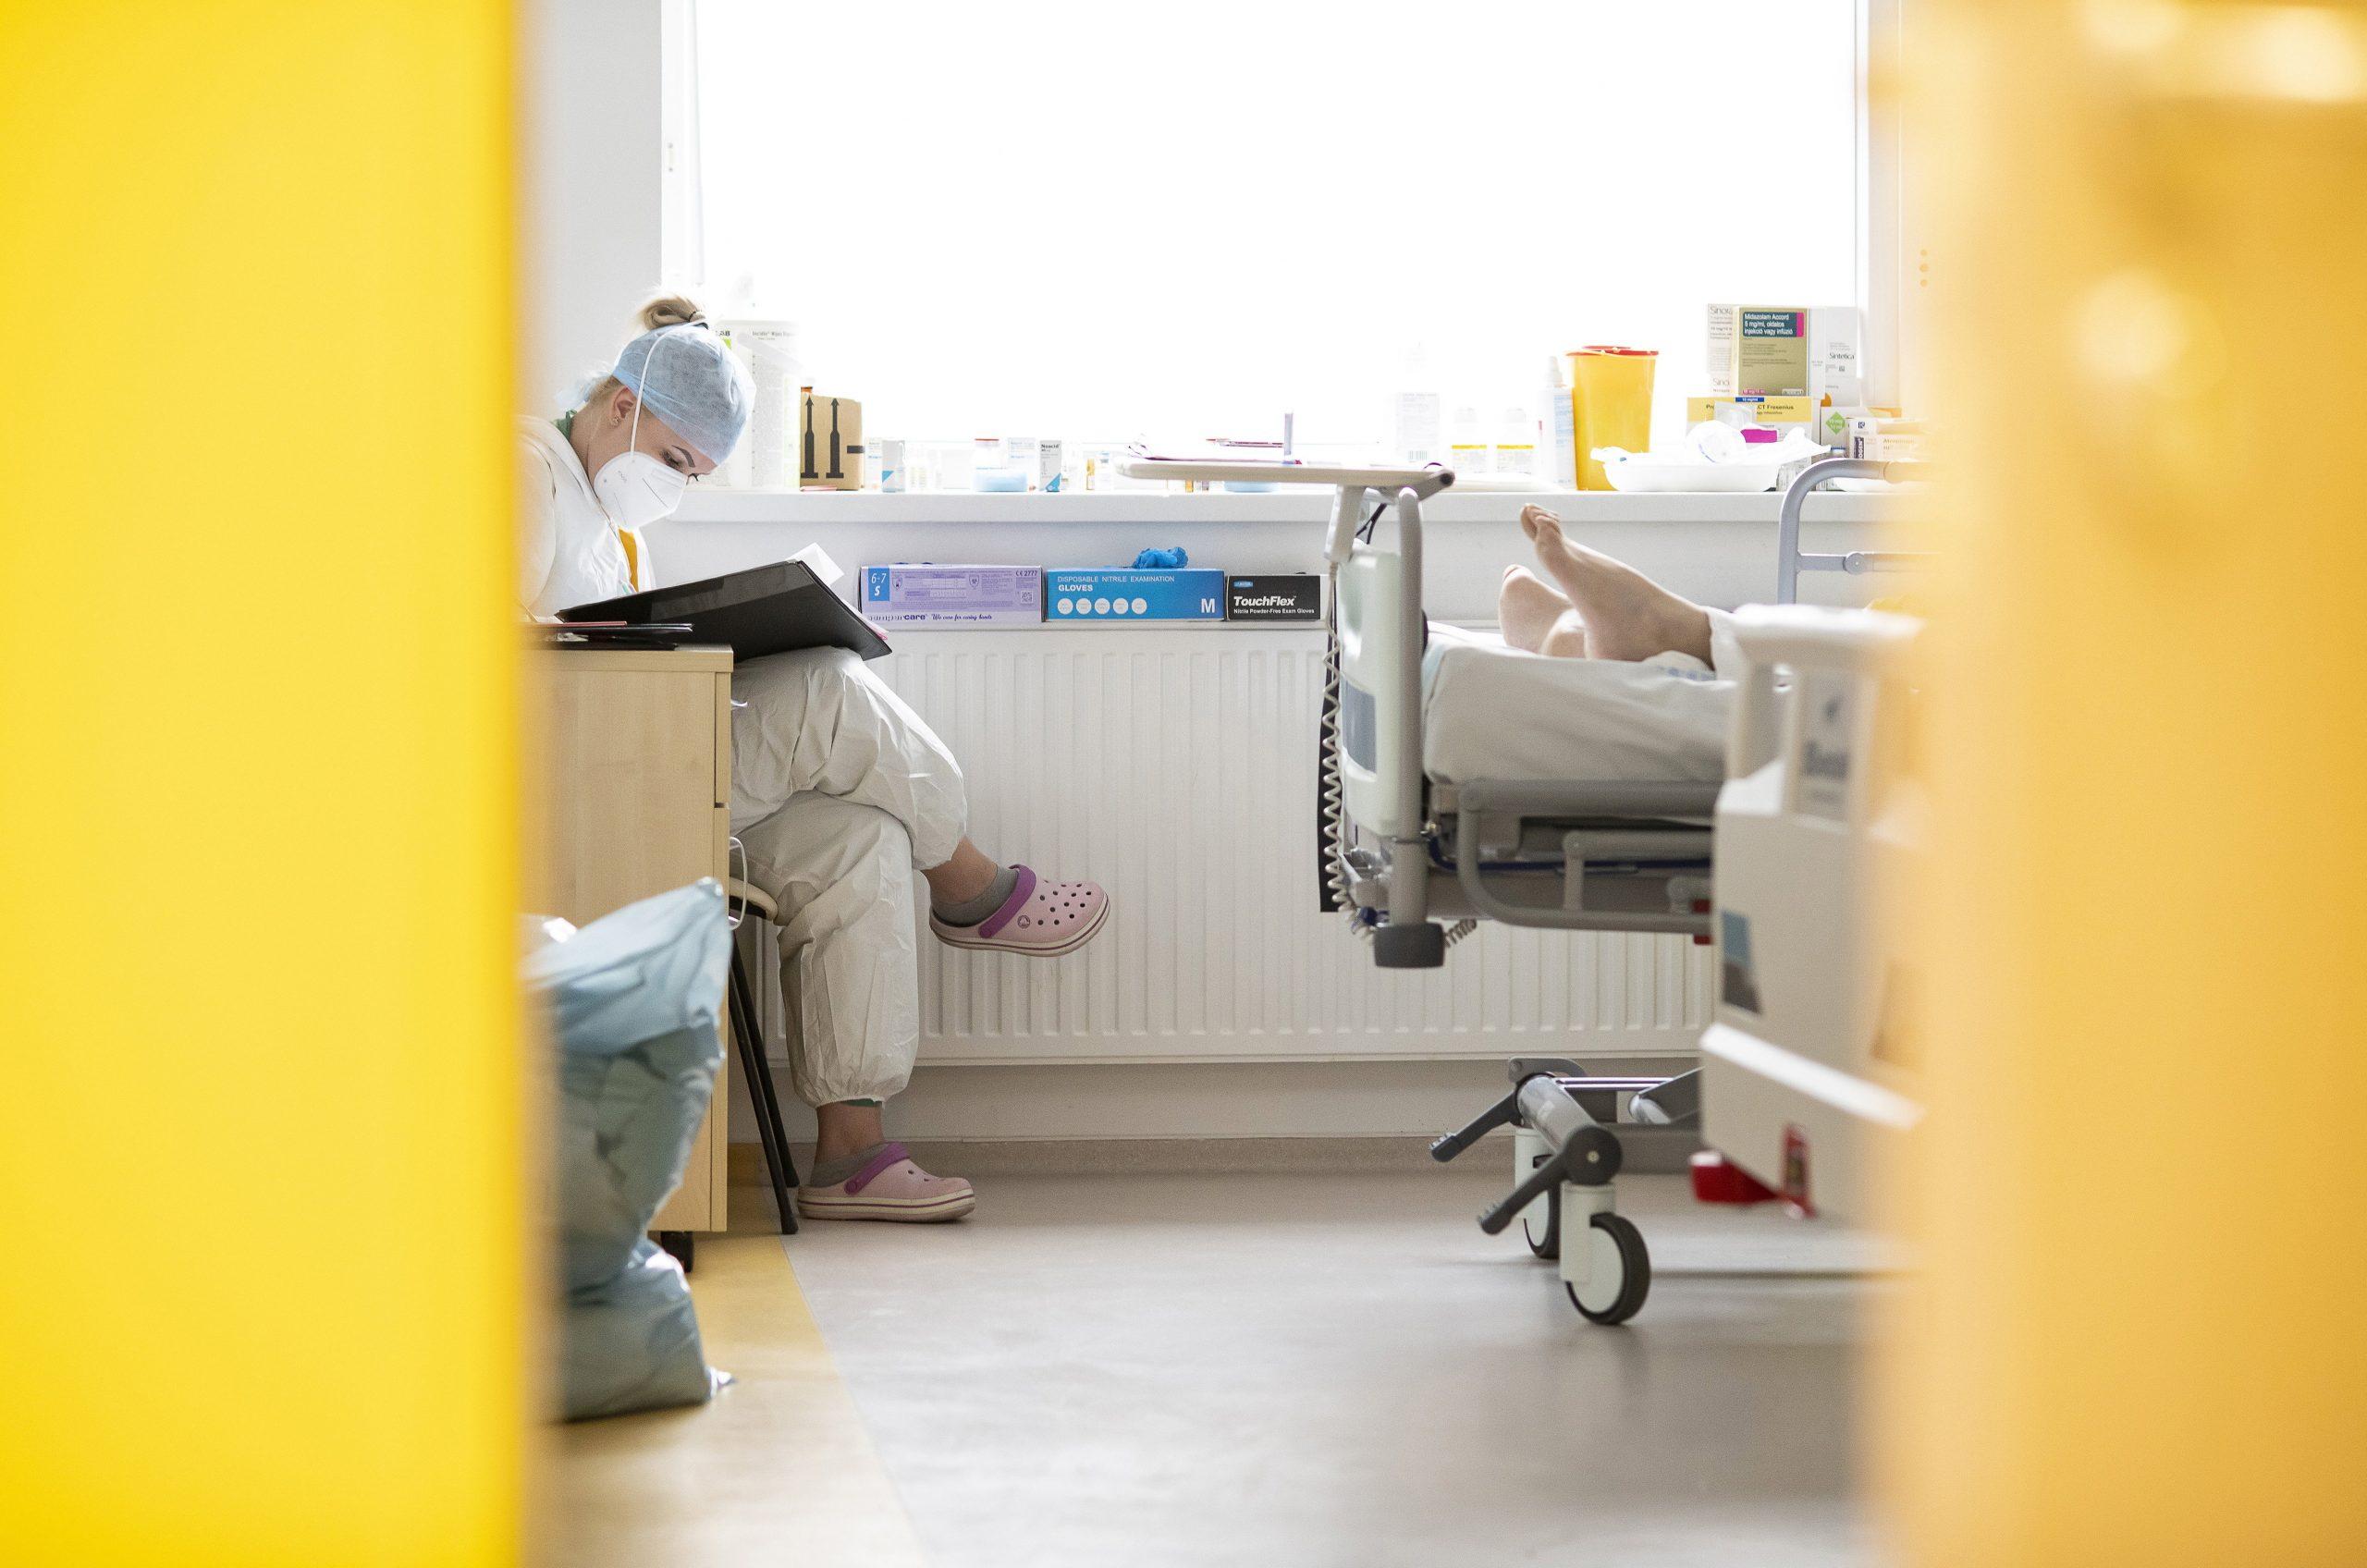 Corona-Lage: 774 Neuinfektionen, immer mehr Krankenhauspatienten